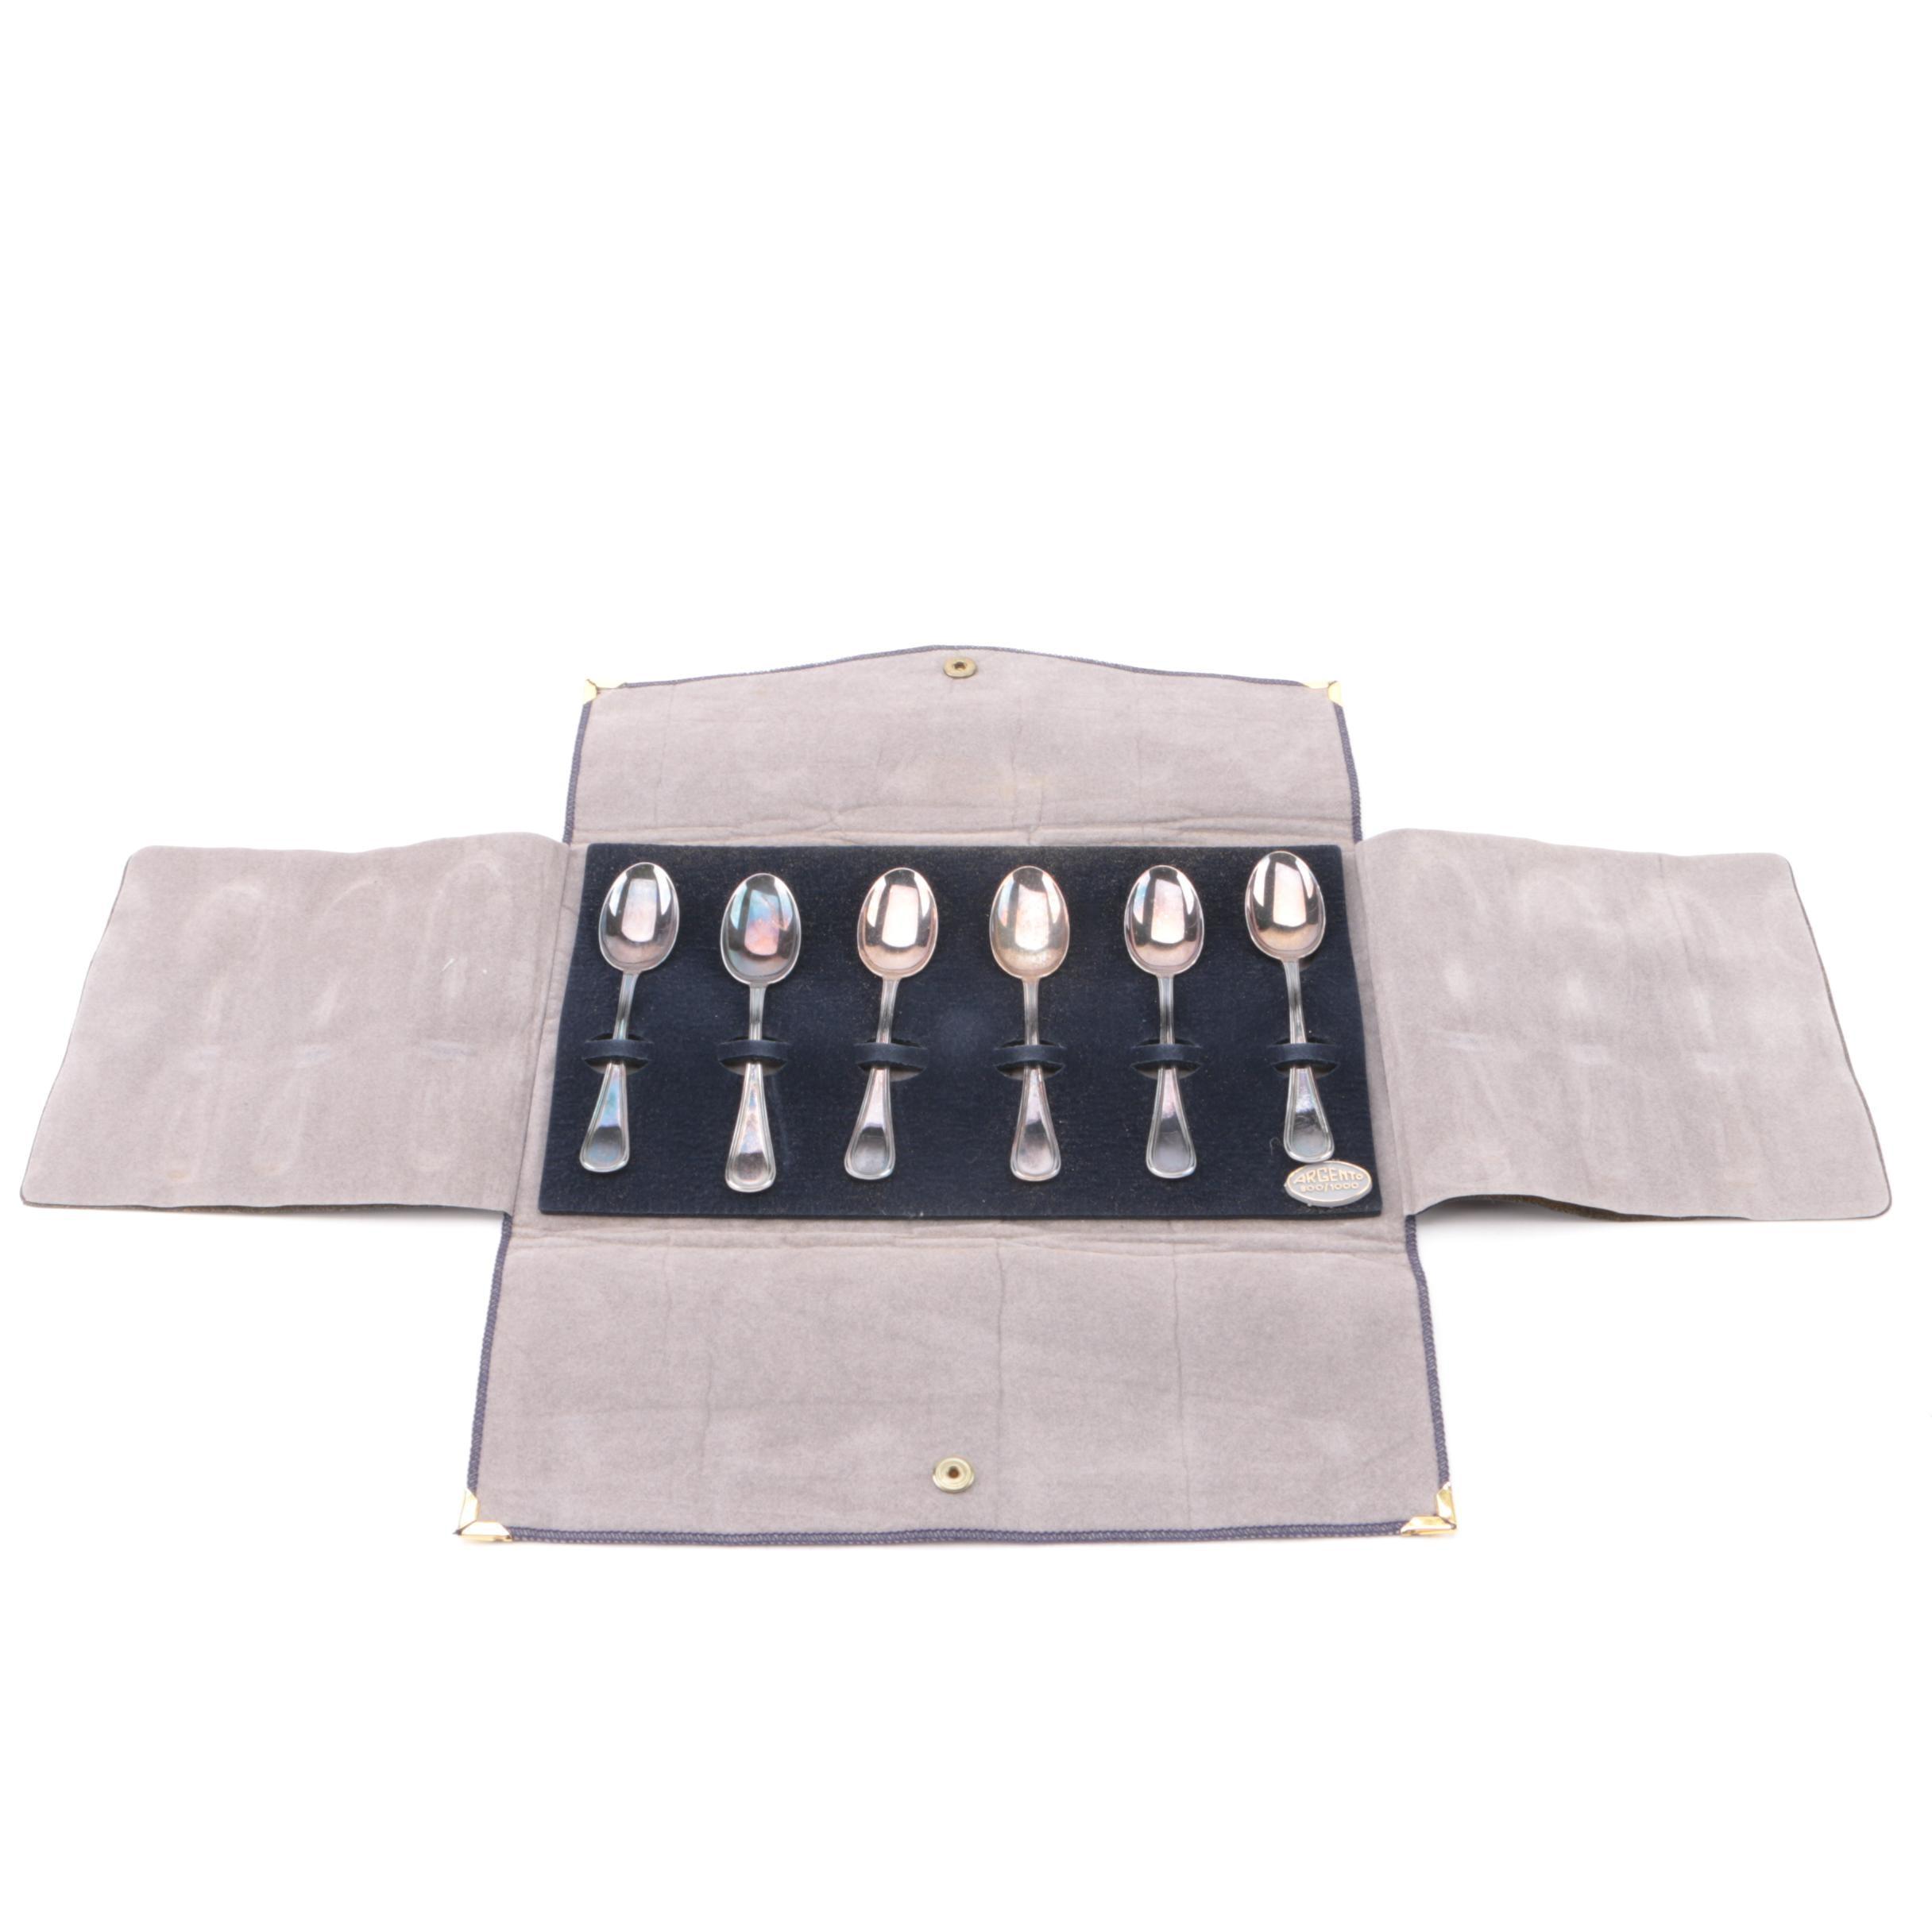 Argento Italian 800 Silver Demitasse Spoon Set